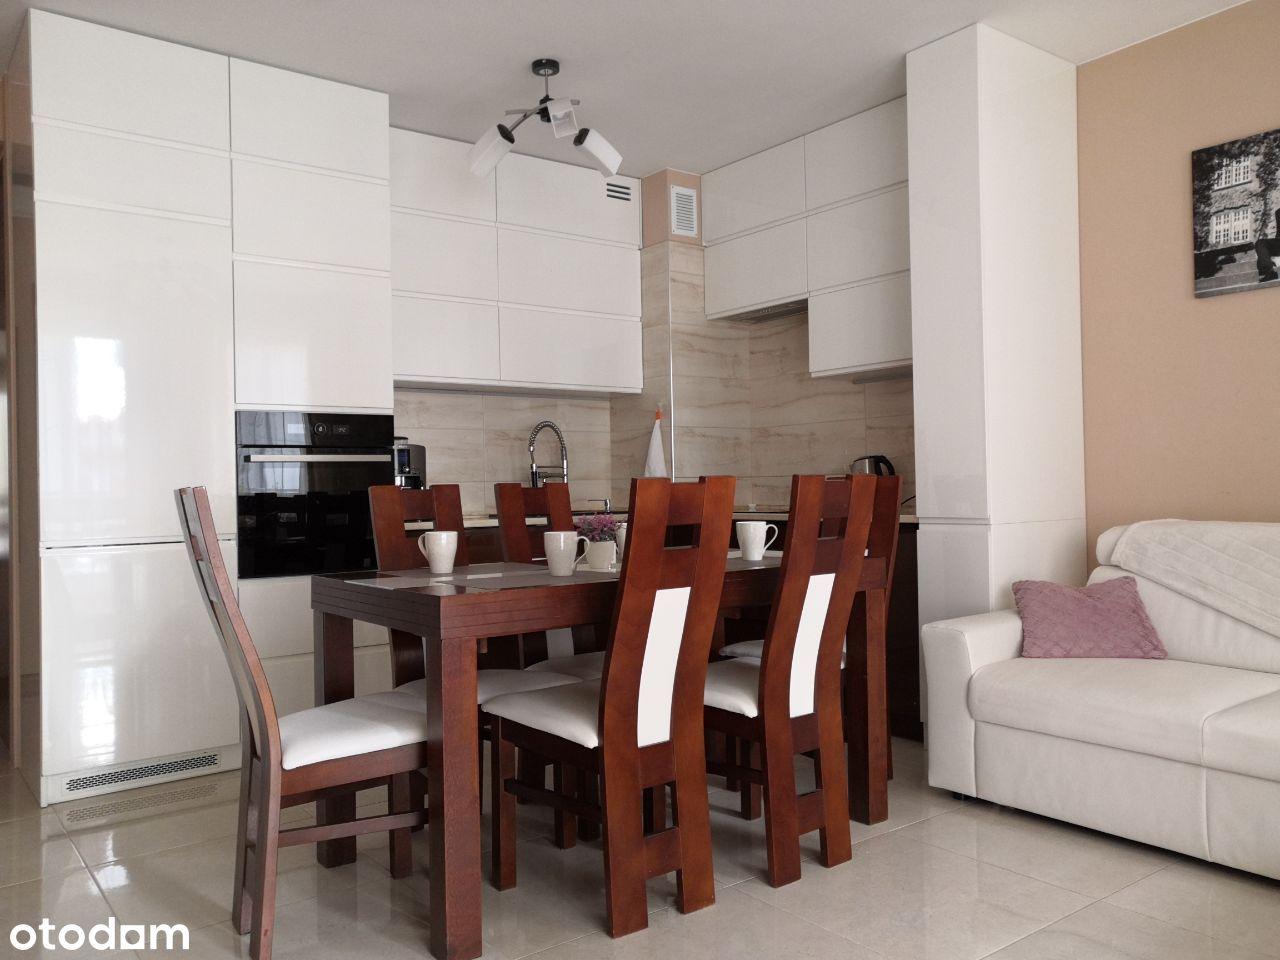 Mieszkanie 3 pok. 50m z 2 miejscami postojowymi